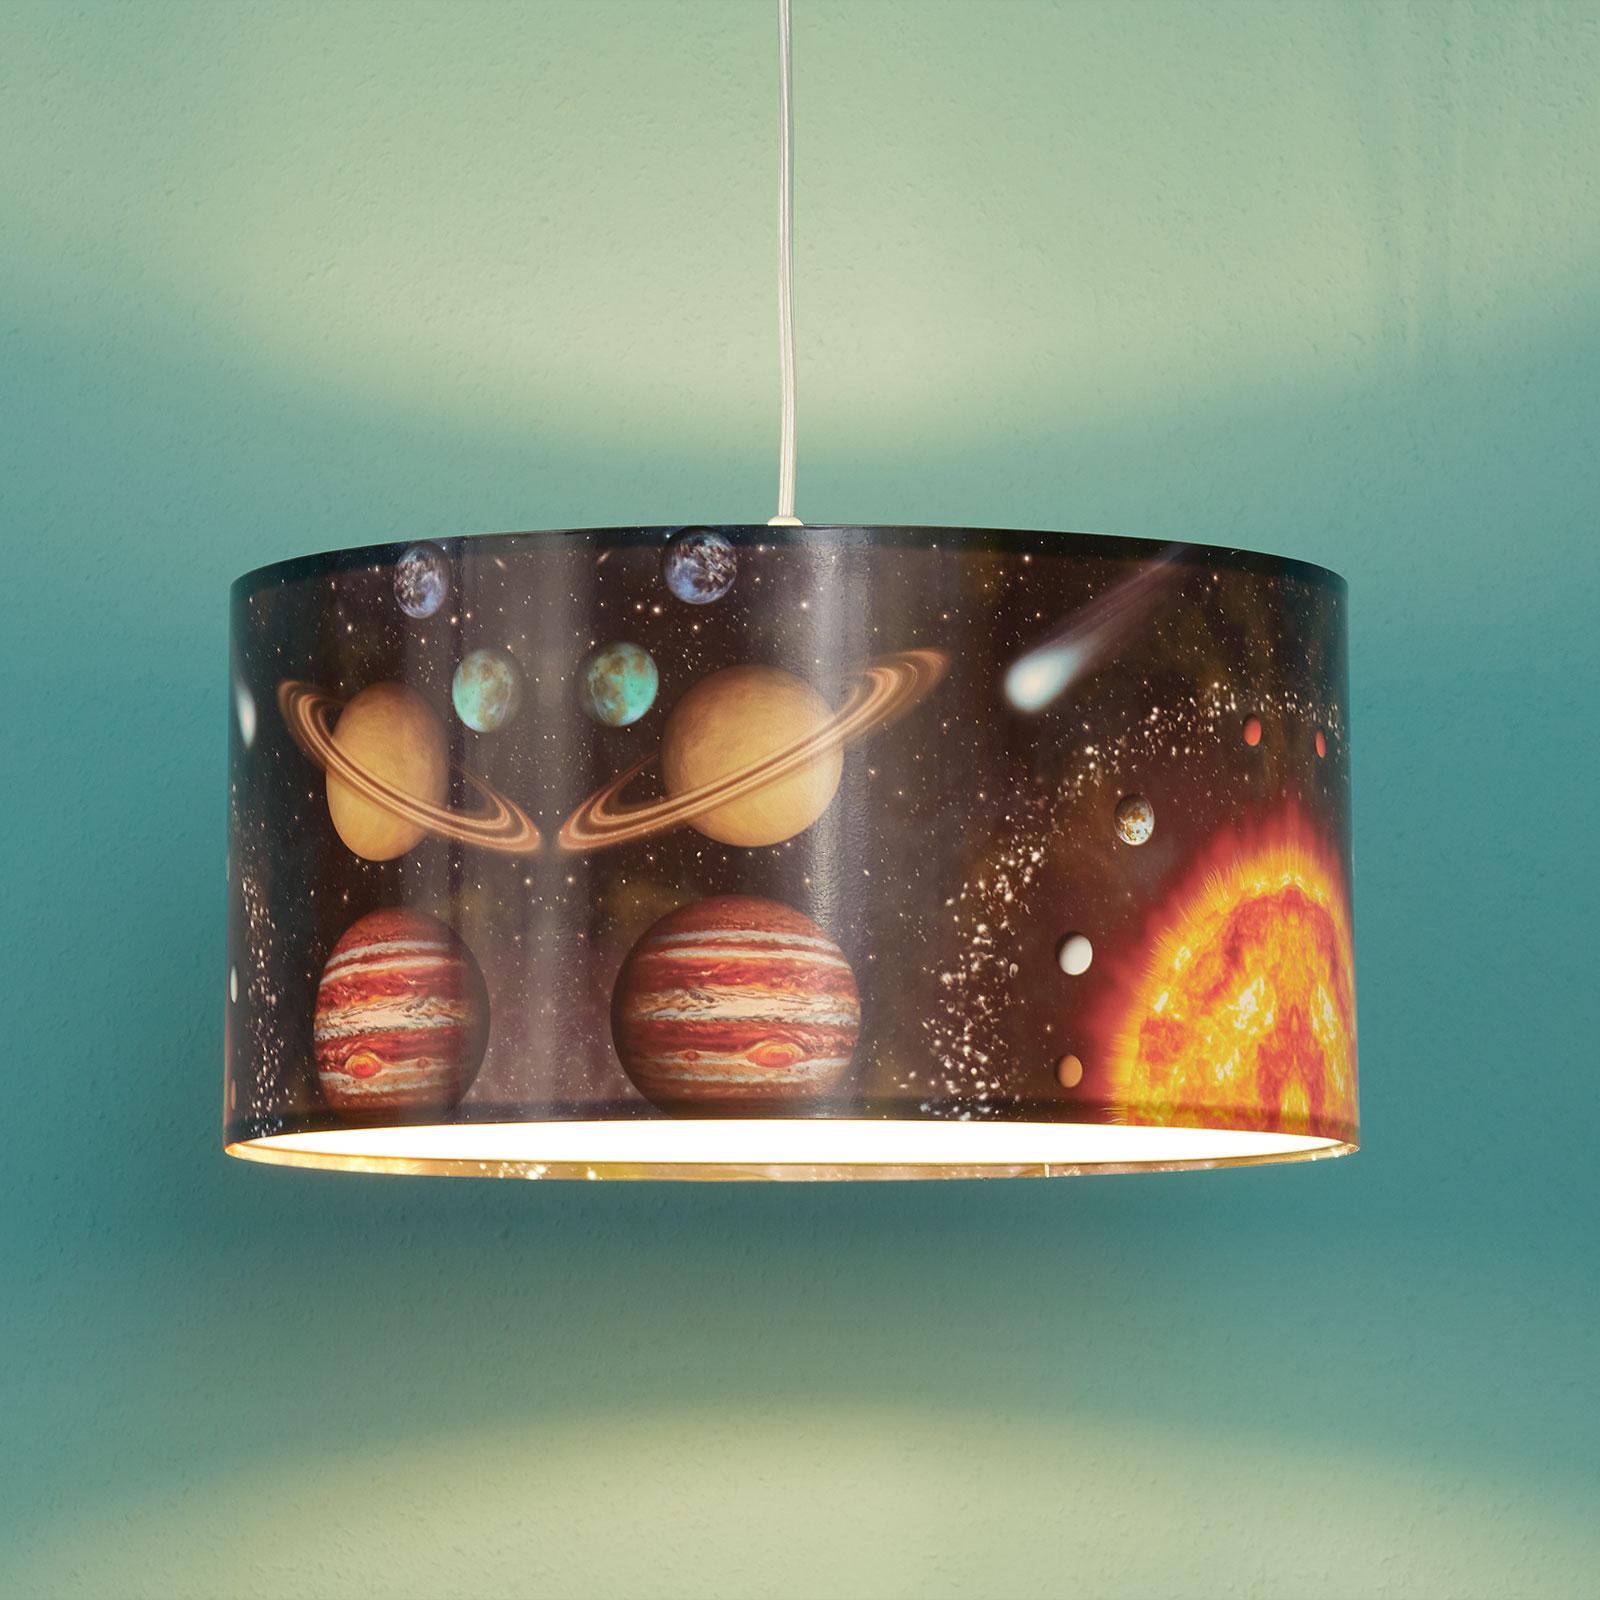 Lampa wisząca Space z nadrukiem kosmosu